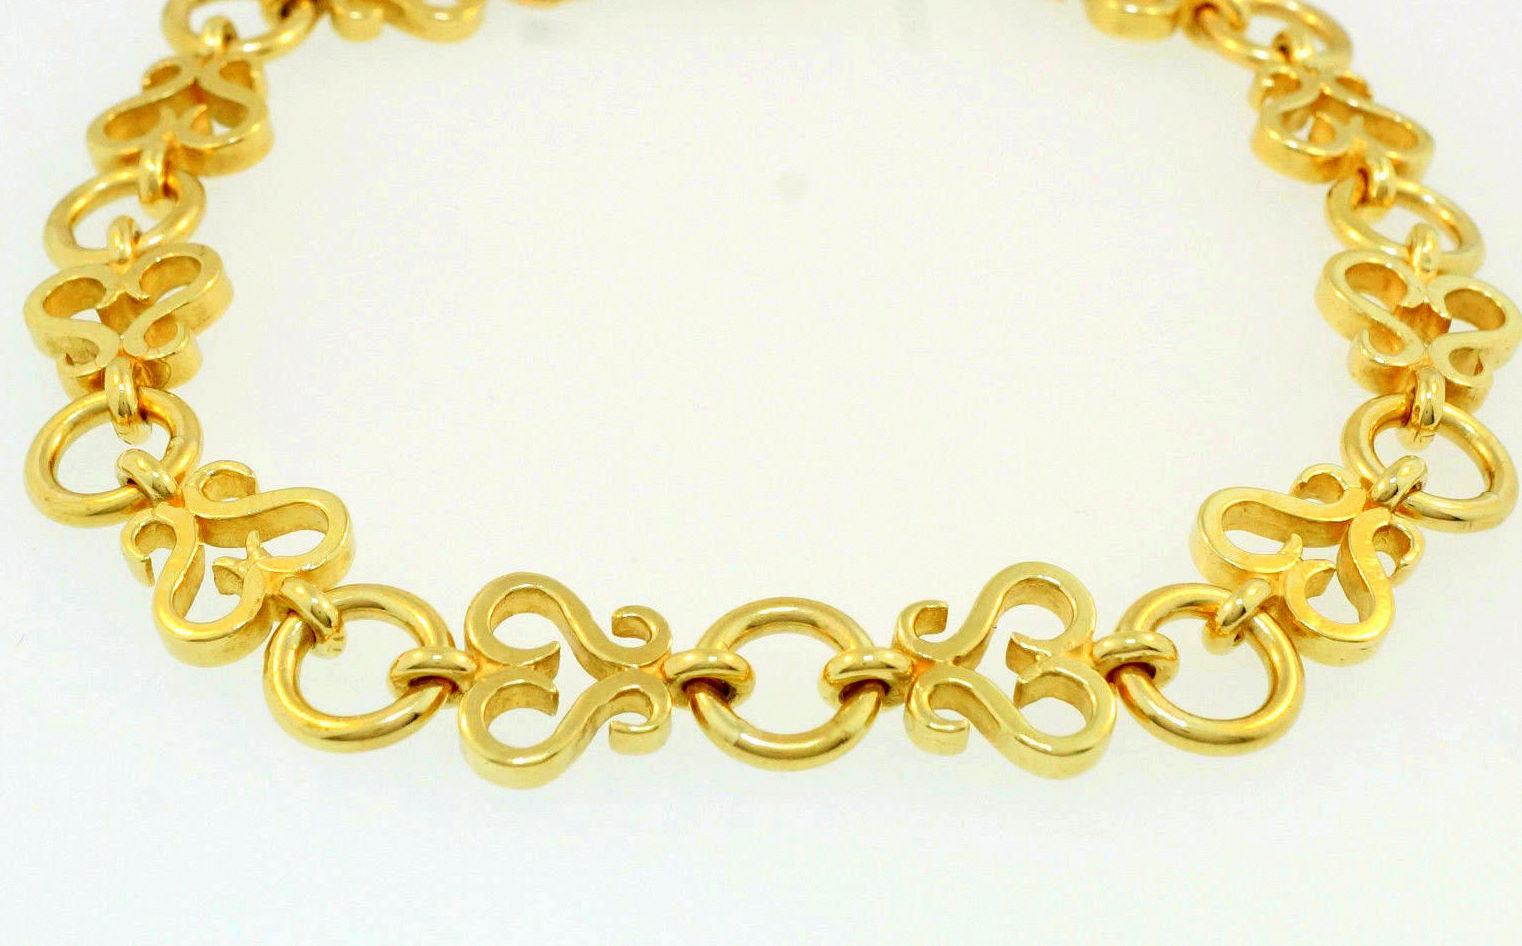 20K Yellow gold Size 7.75  Vintage Celtic Link Bracelet 7mm Width Unisex Design